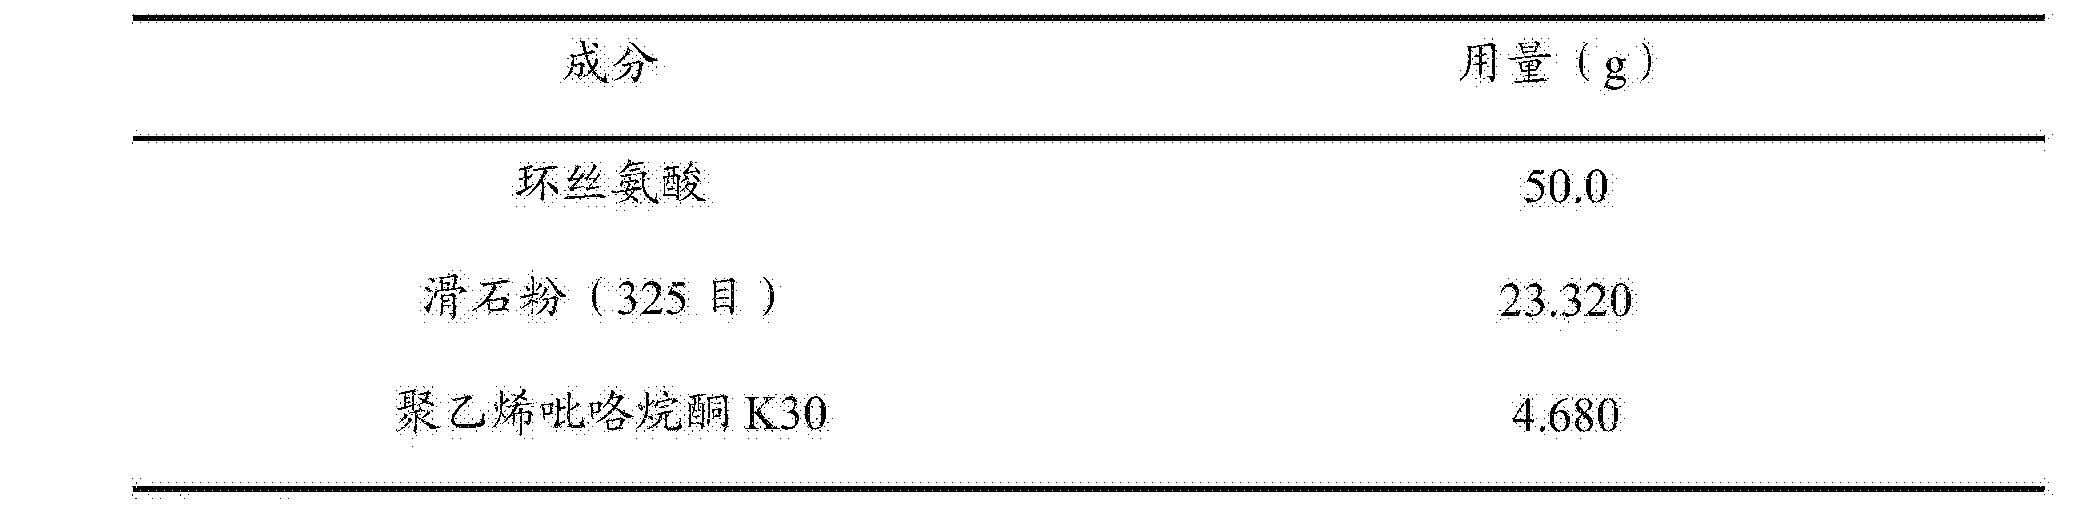 Figure CN105476976BD00222